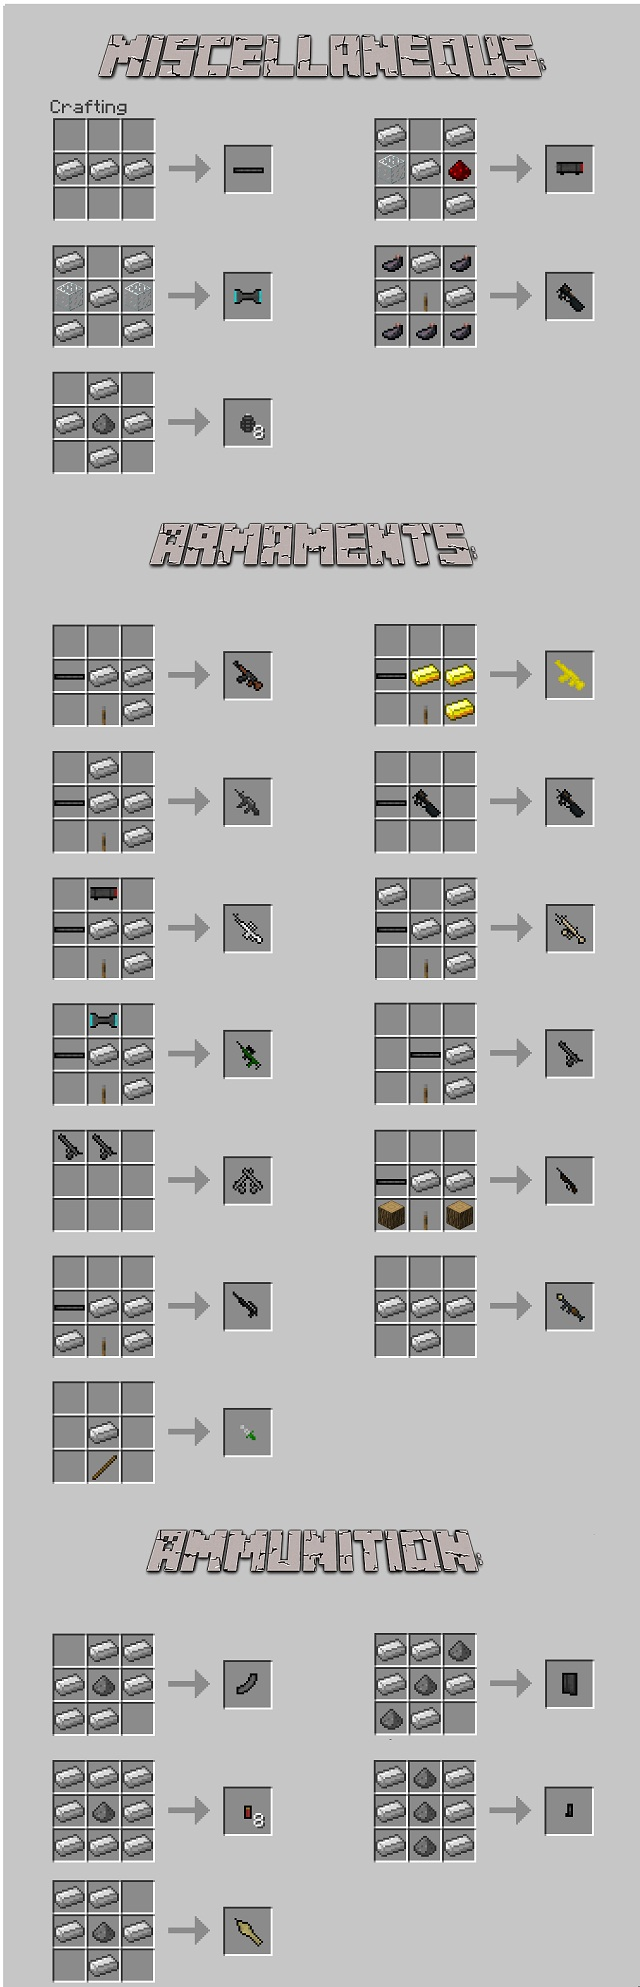 Скачать мод на оружие для Майнкрафт 1.7.10/1.7.2/1.6.2 - 3D Gun